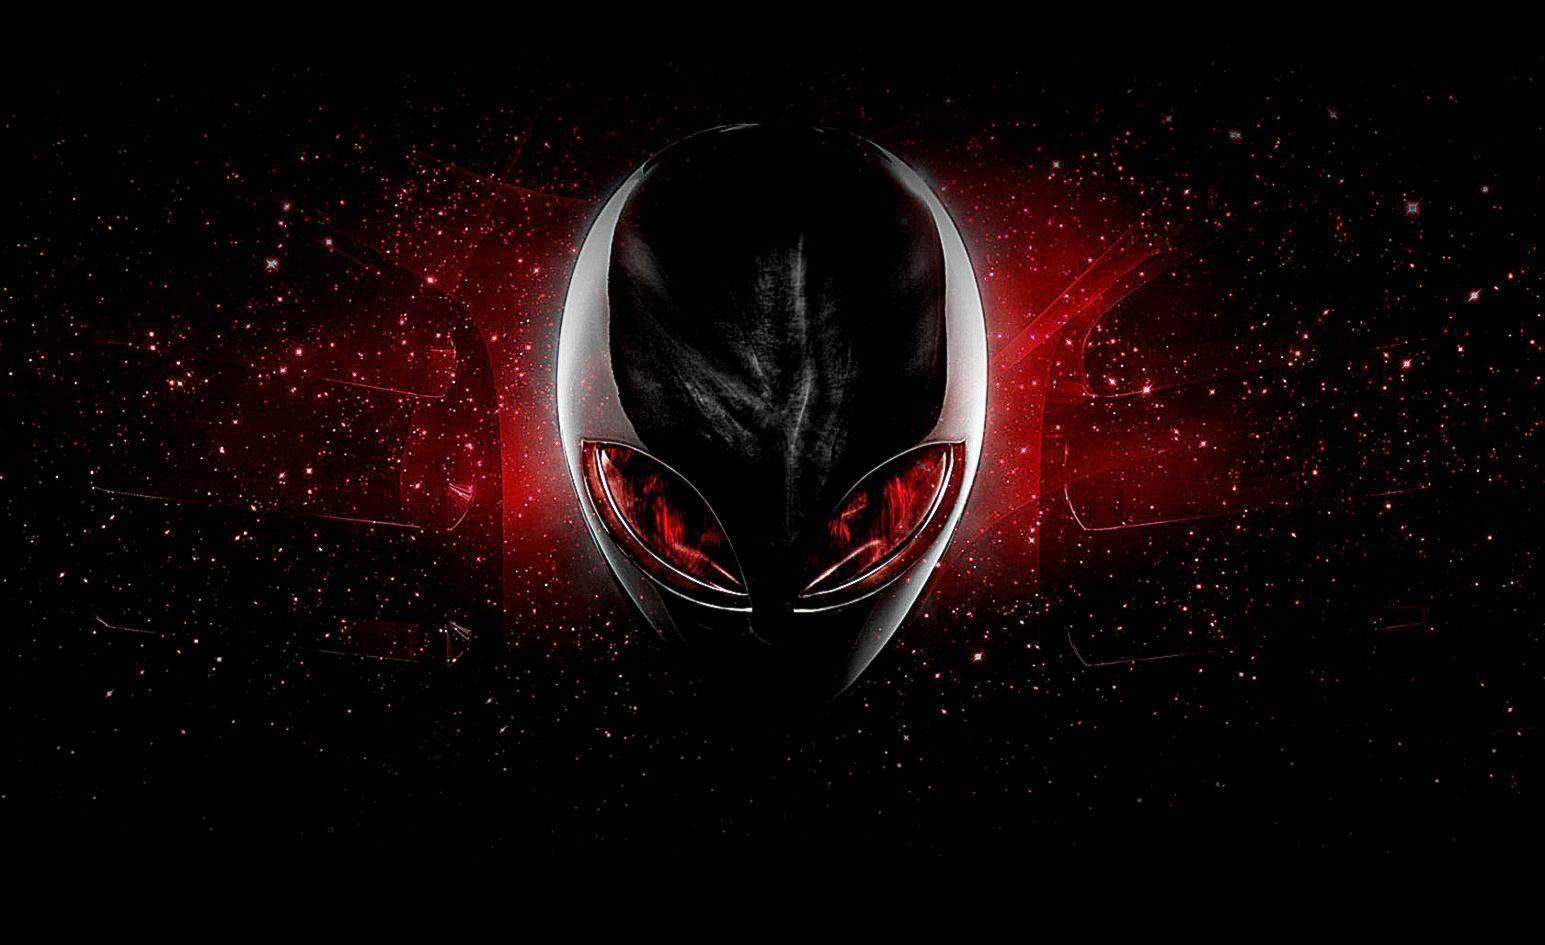 alienware desktop background red - photo #5